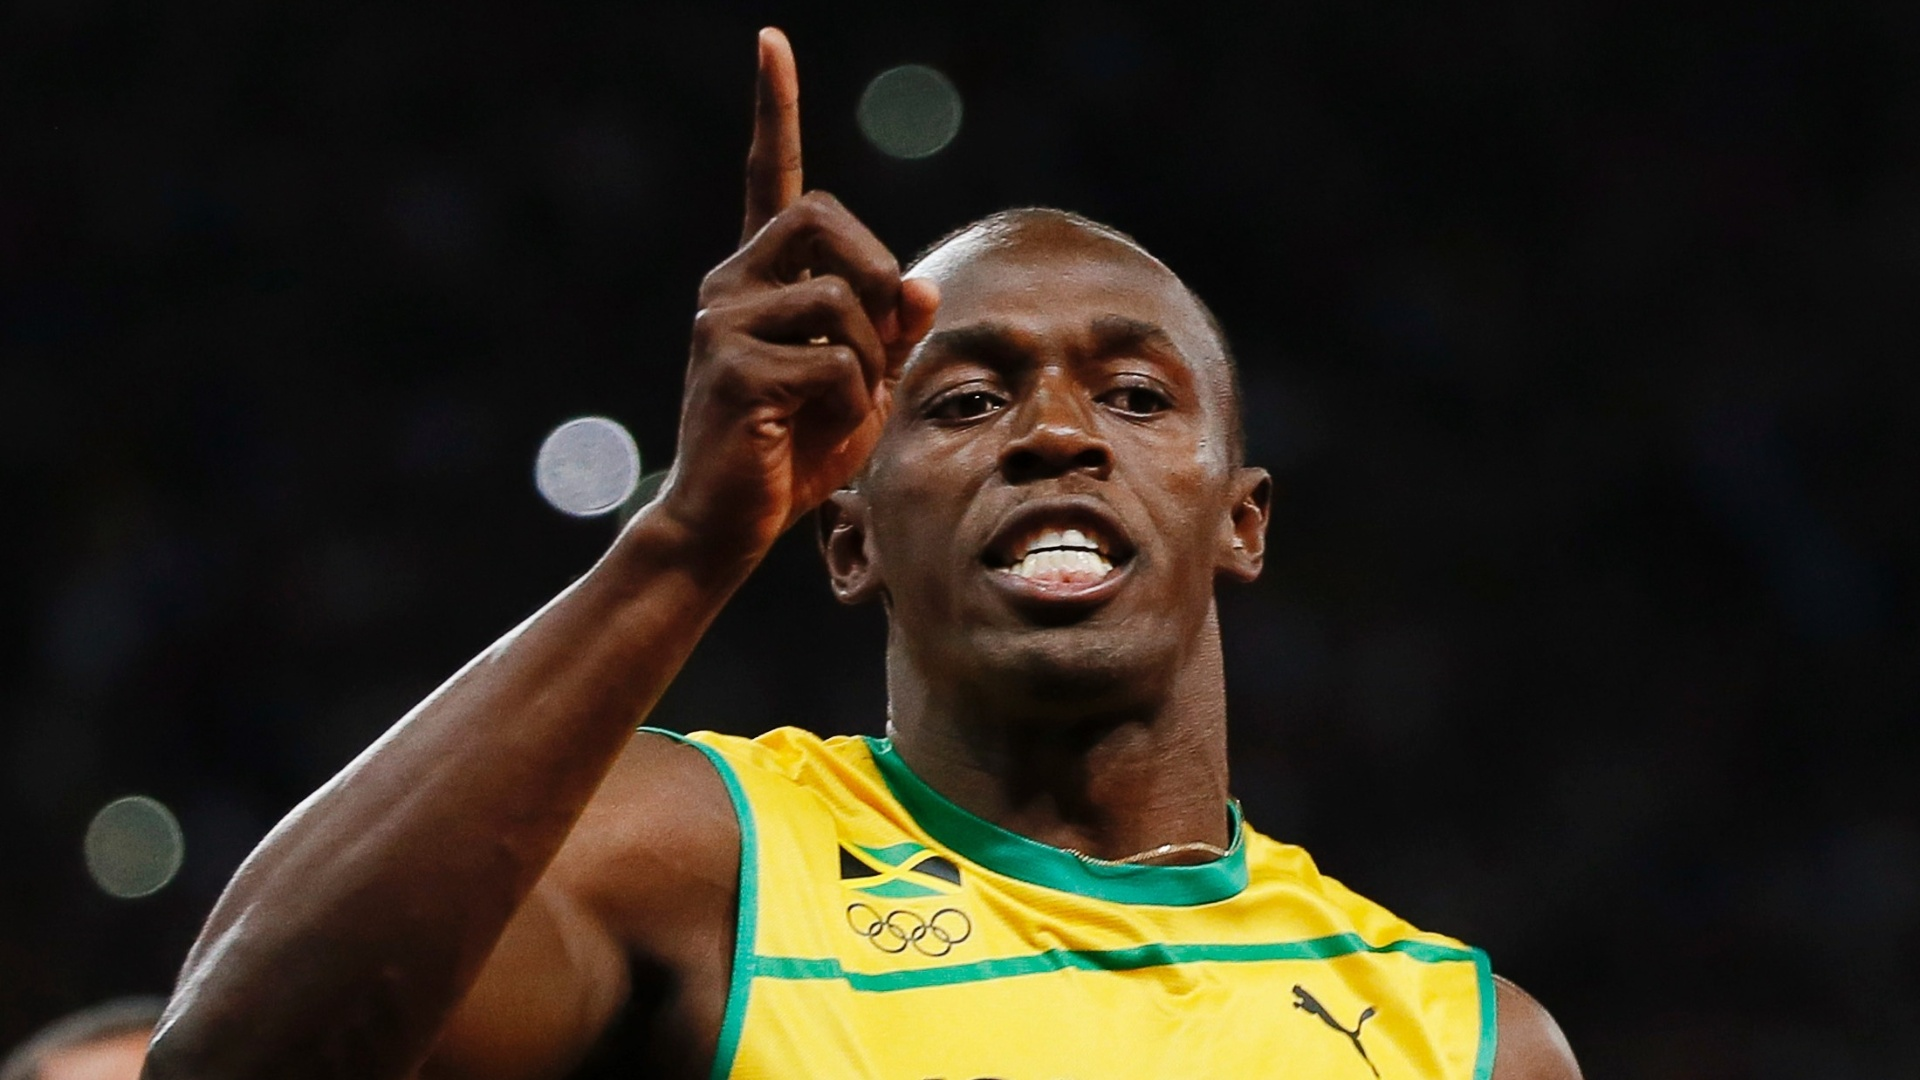 Usain Bolt comemora o ouro nos 100 m rasos em Londres-2012